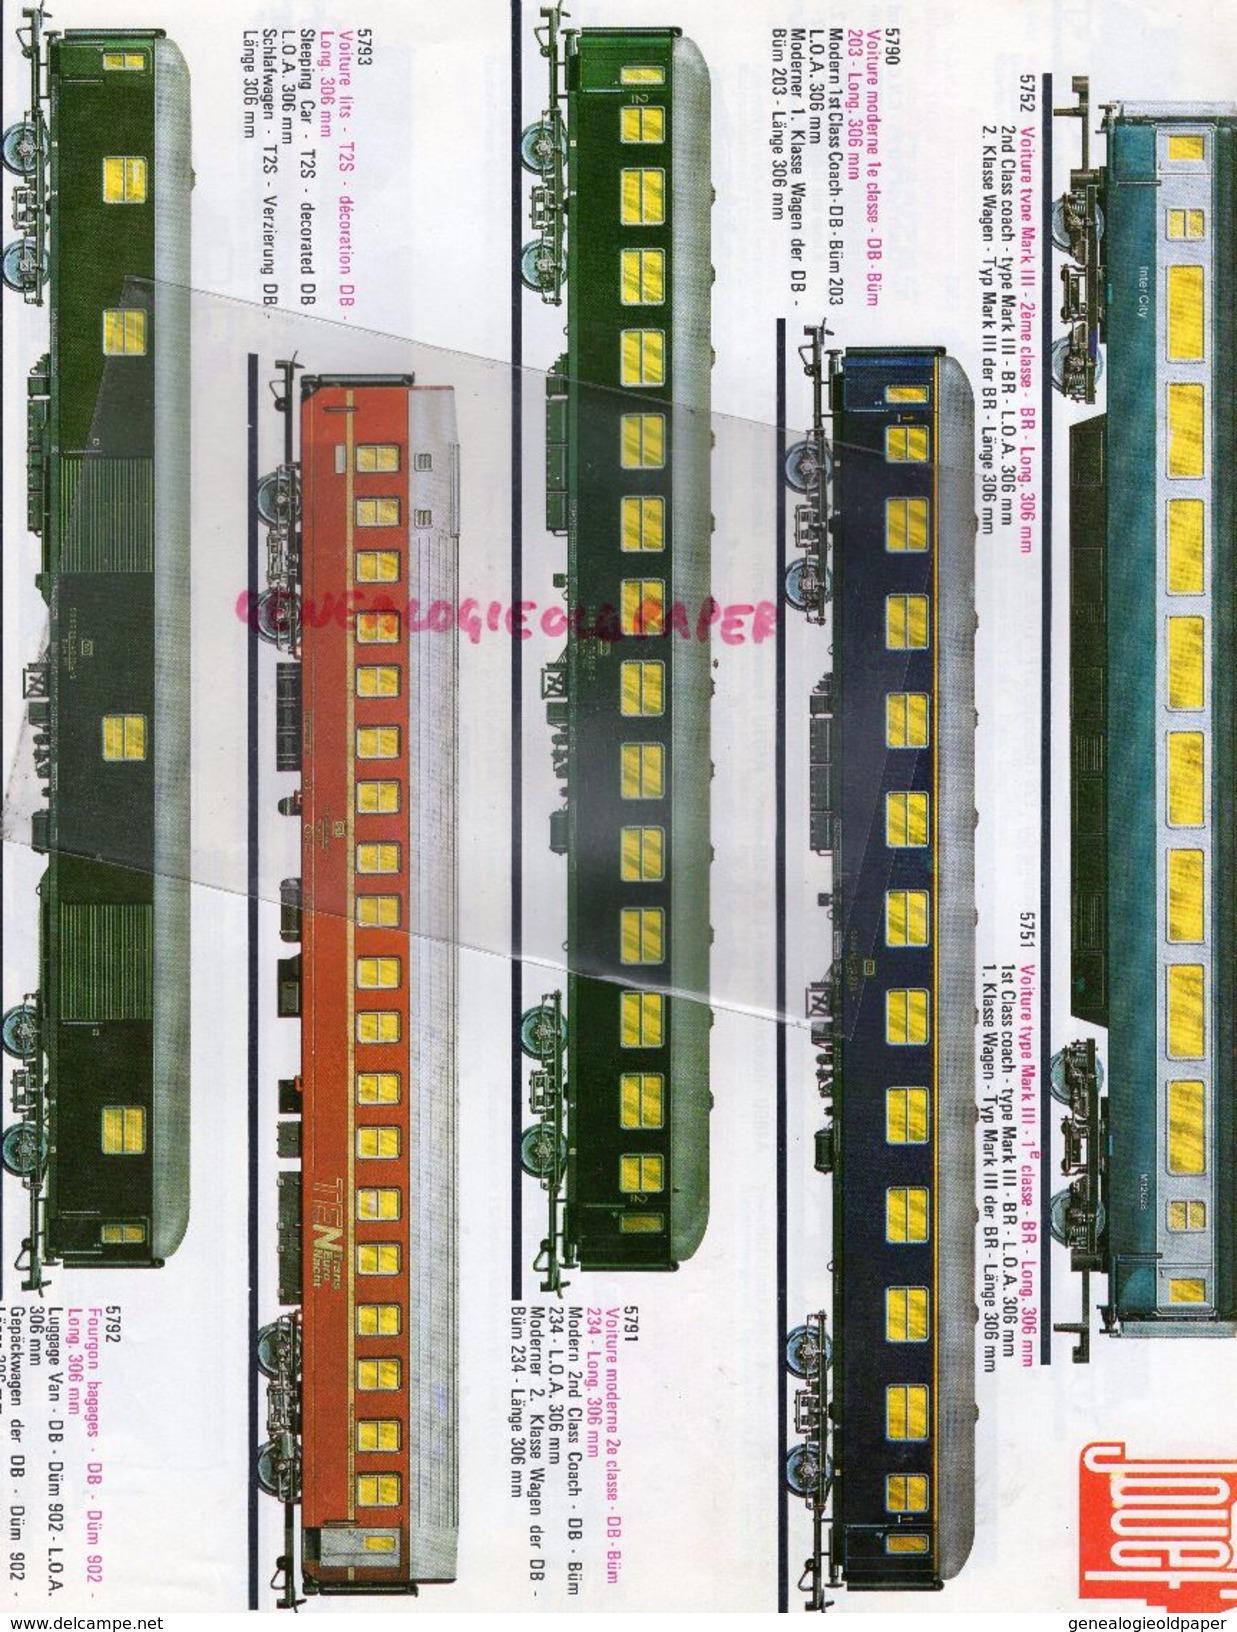 CATALOGUE JOUETS- JOUEF NOUVEAUTES 1977- LOCOMOTIVE GARE TRAINS- CACHET FARANDOLE ANGOULEME- HO-FERRARI-PORSCHE LIGIER - Railway & Tramway